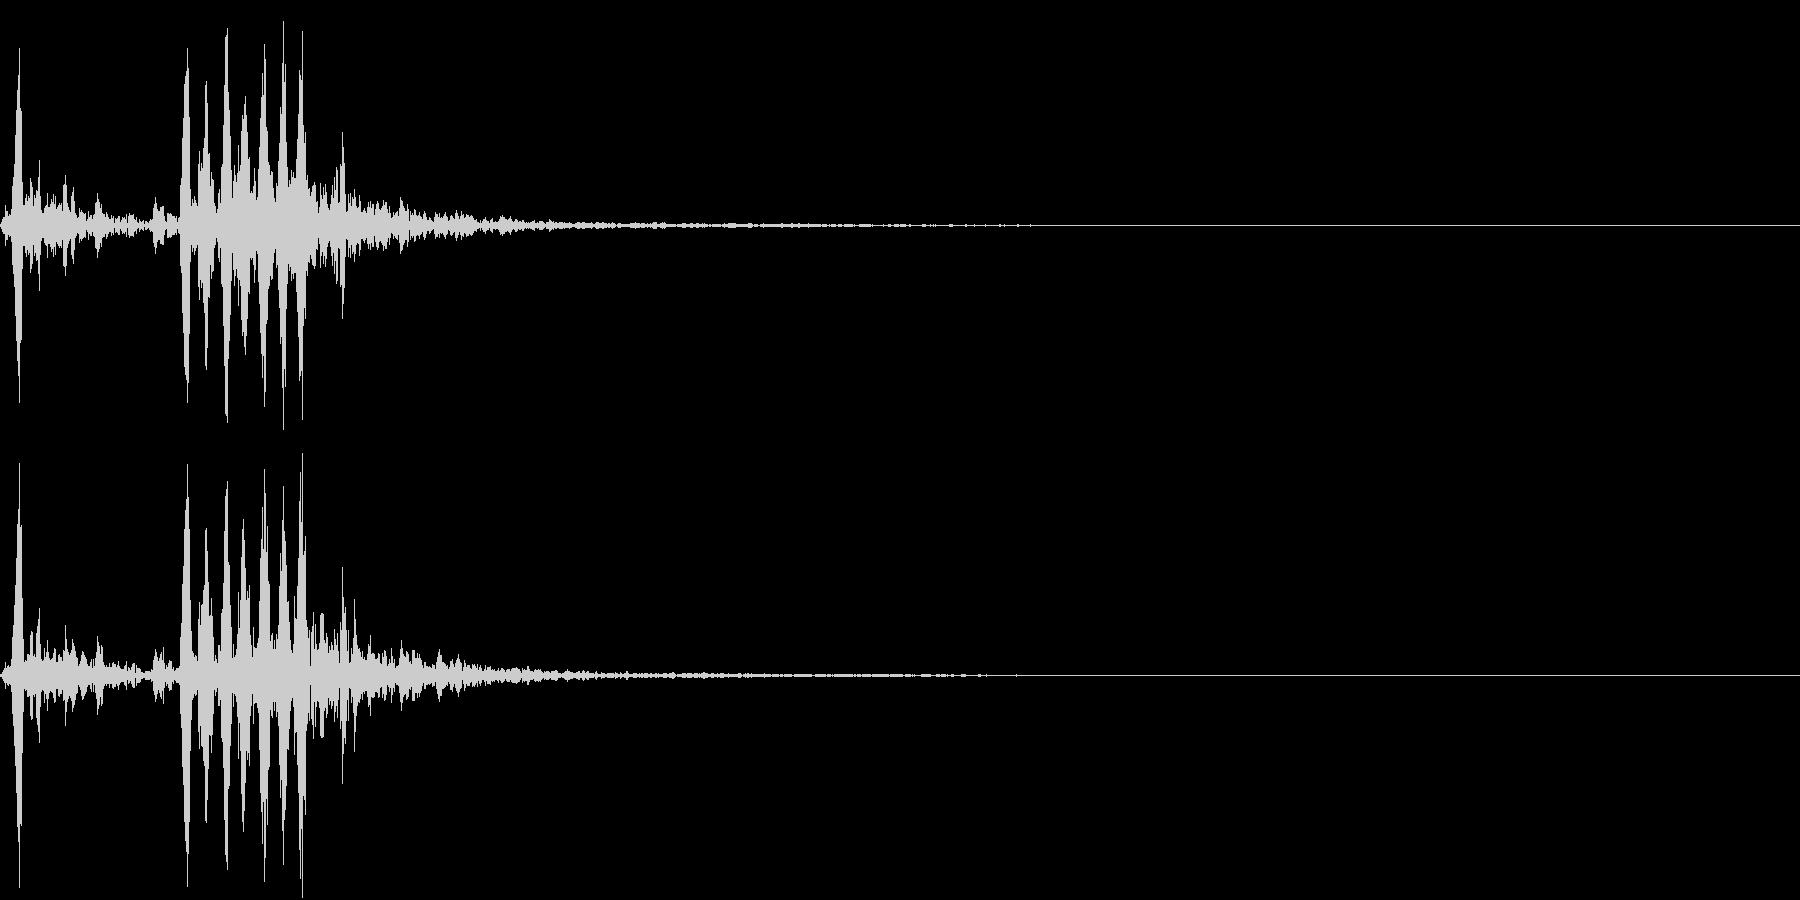 【生録音】フラミンゴの鳴き声 4の未再生の波形